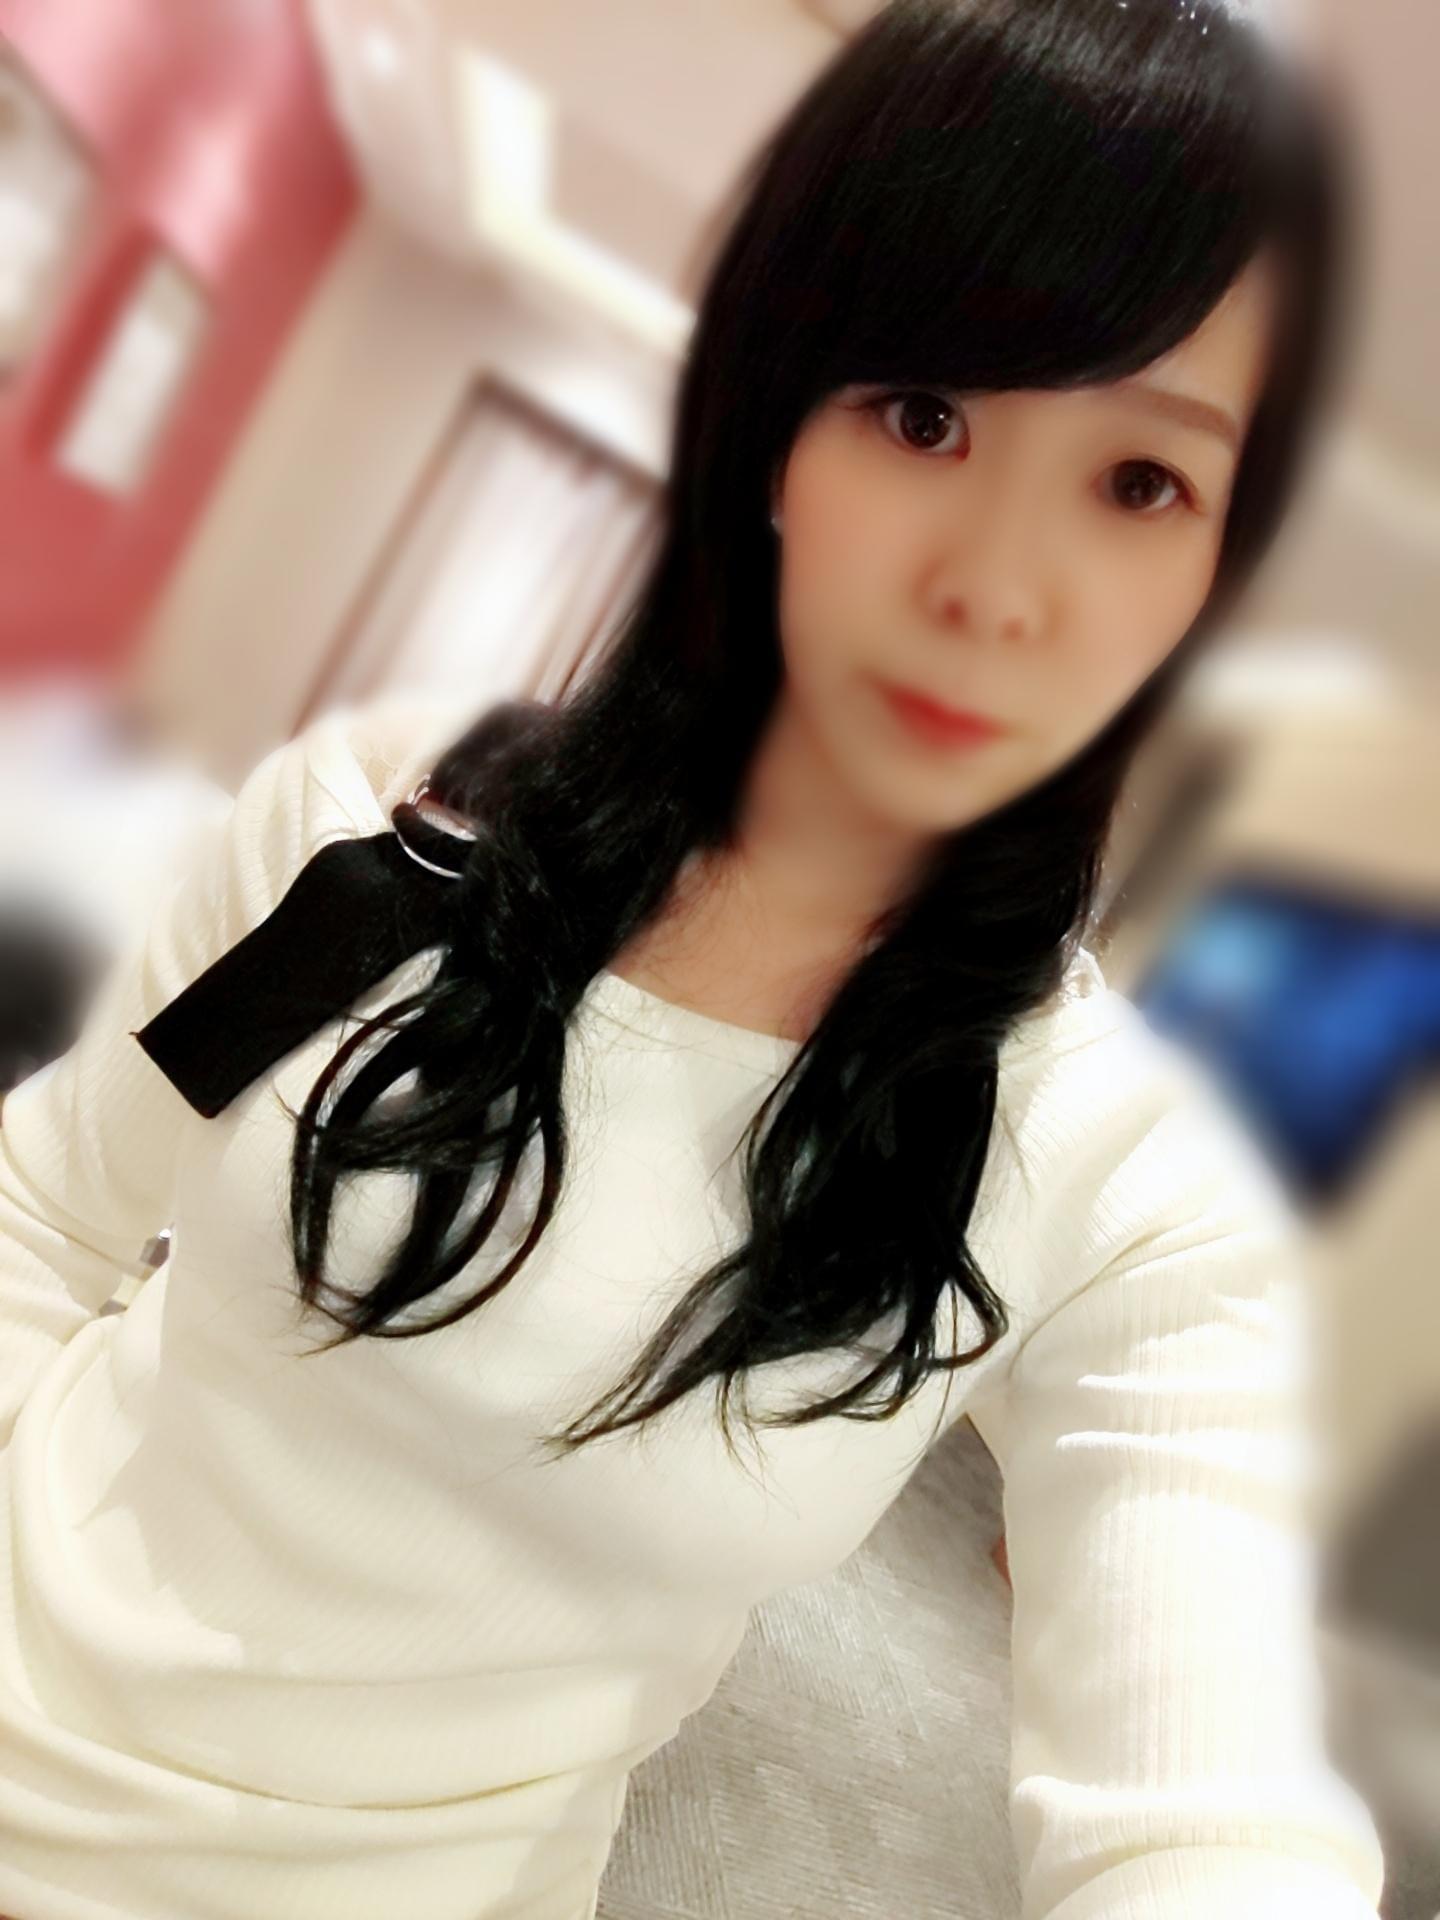 「風♡神☆Love  (*´・ω・)ノこんばんわぁ」11/11(月) 20:30   らぶの写メ・風俗動画